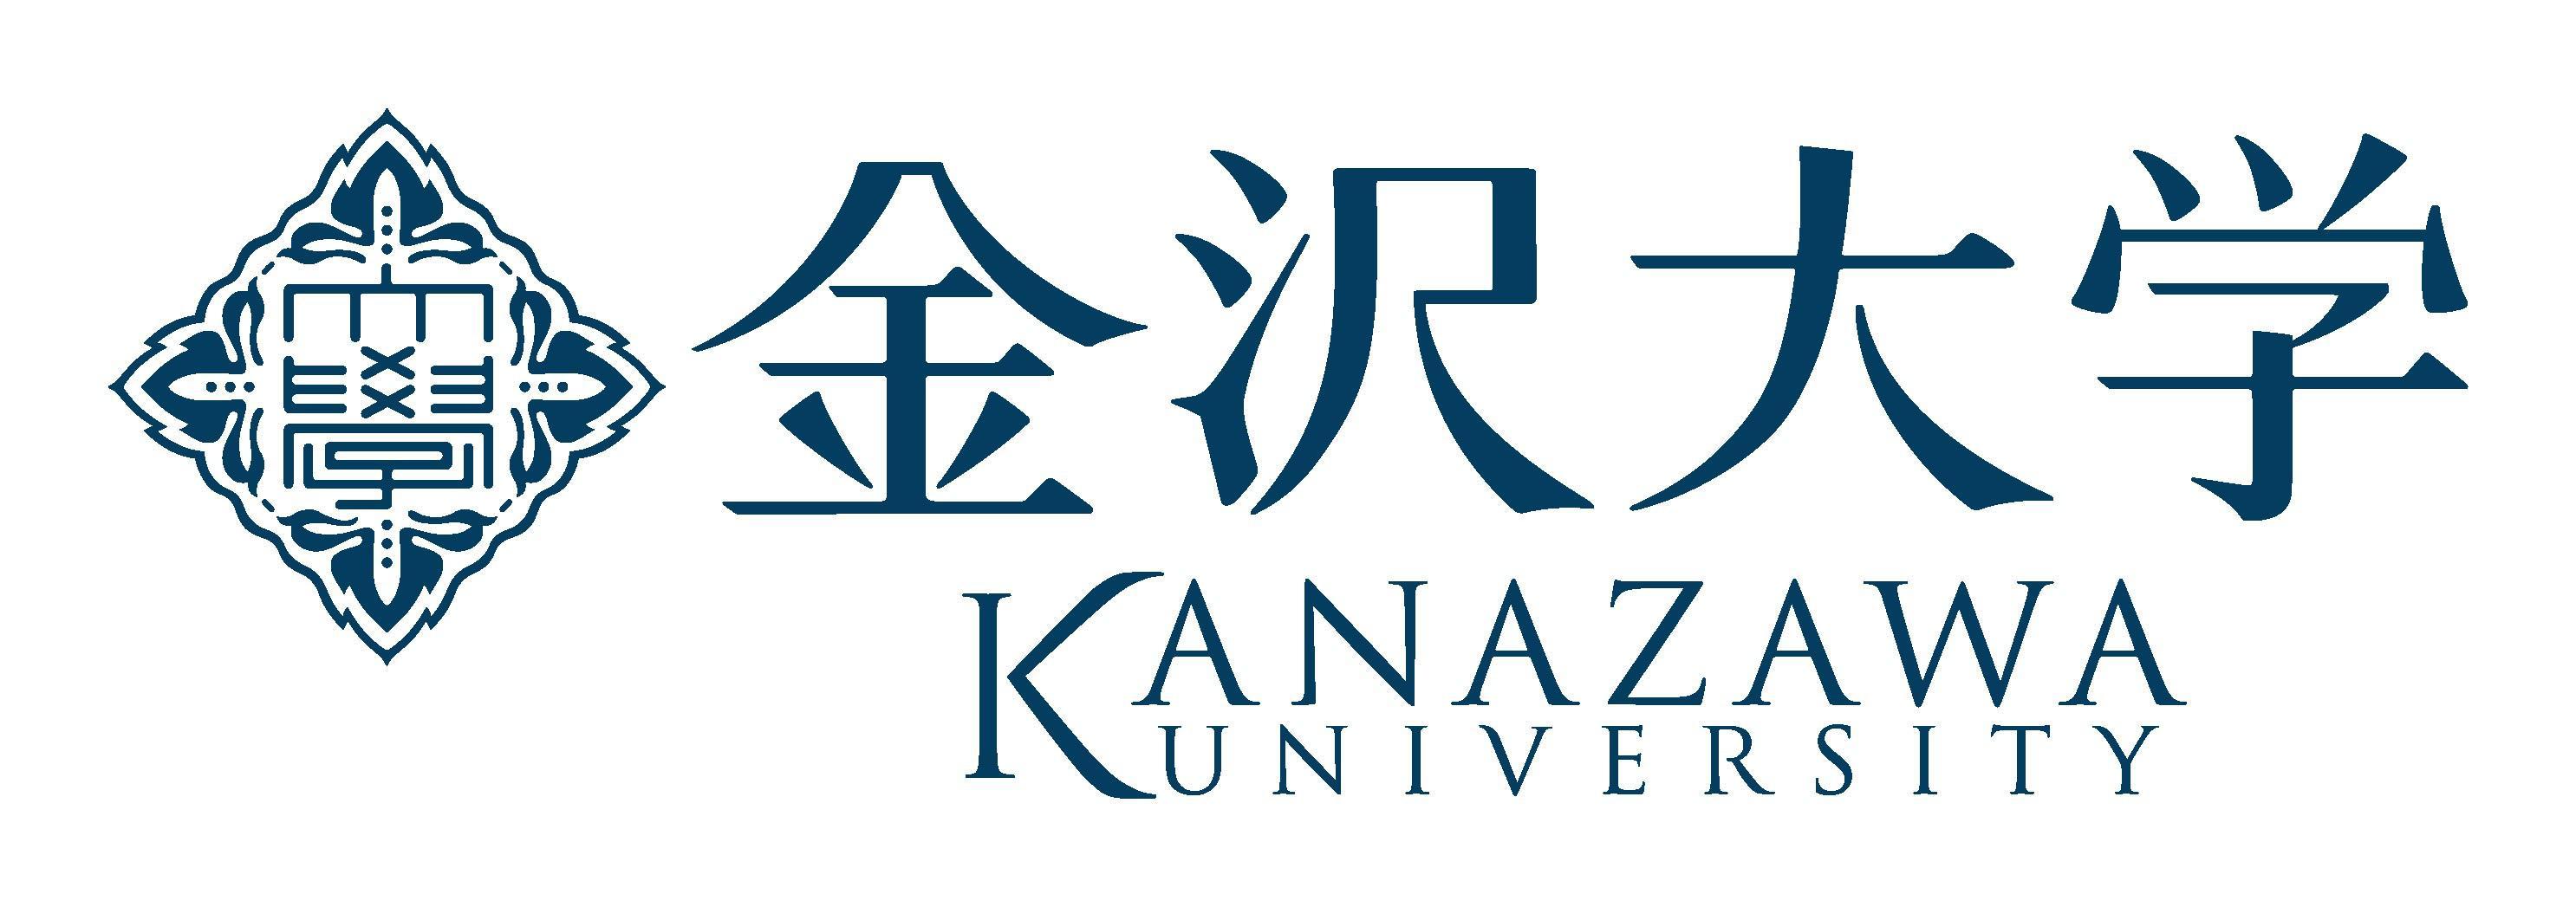 kanazawa-logo.jpg